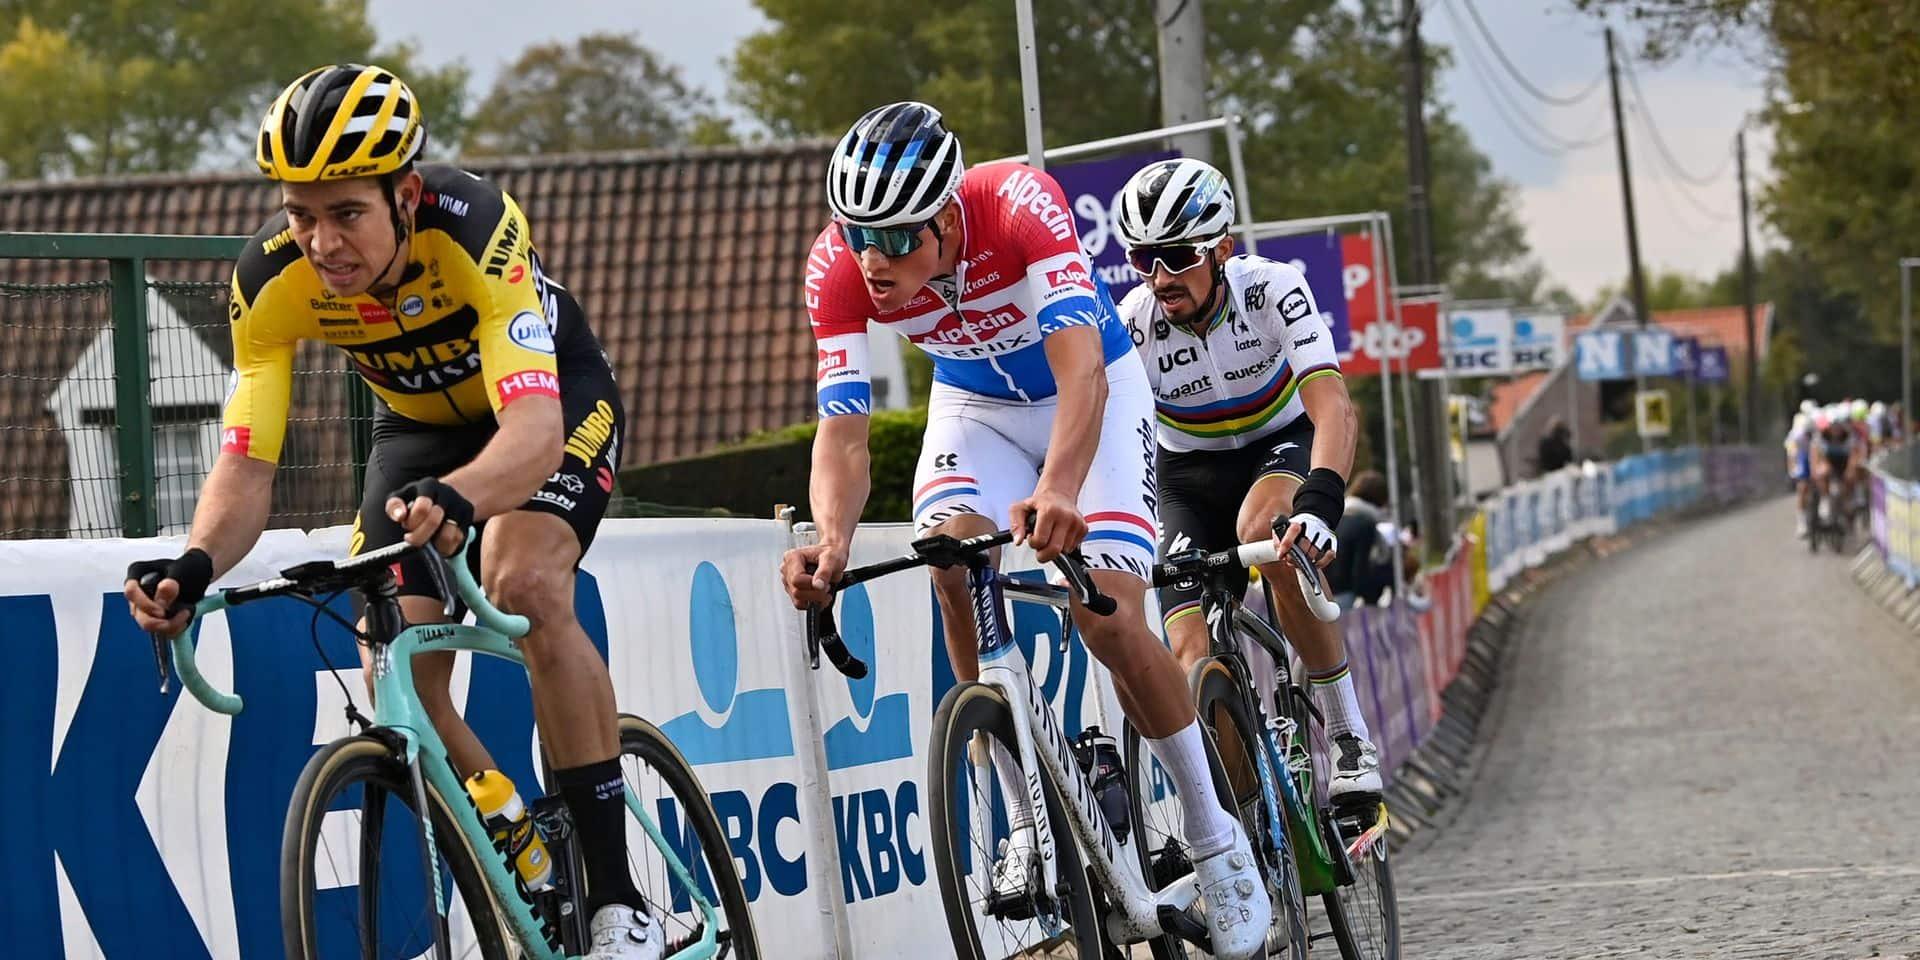 Gand-Wevelgem promet pour le Tour des Flandres et la revanche de Wout Van Aert